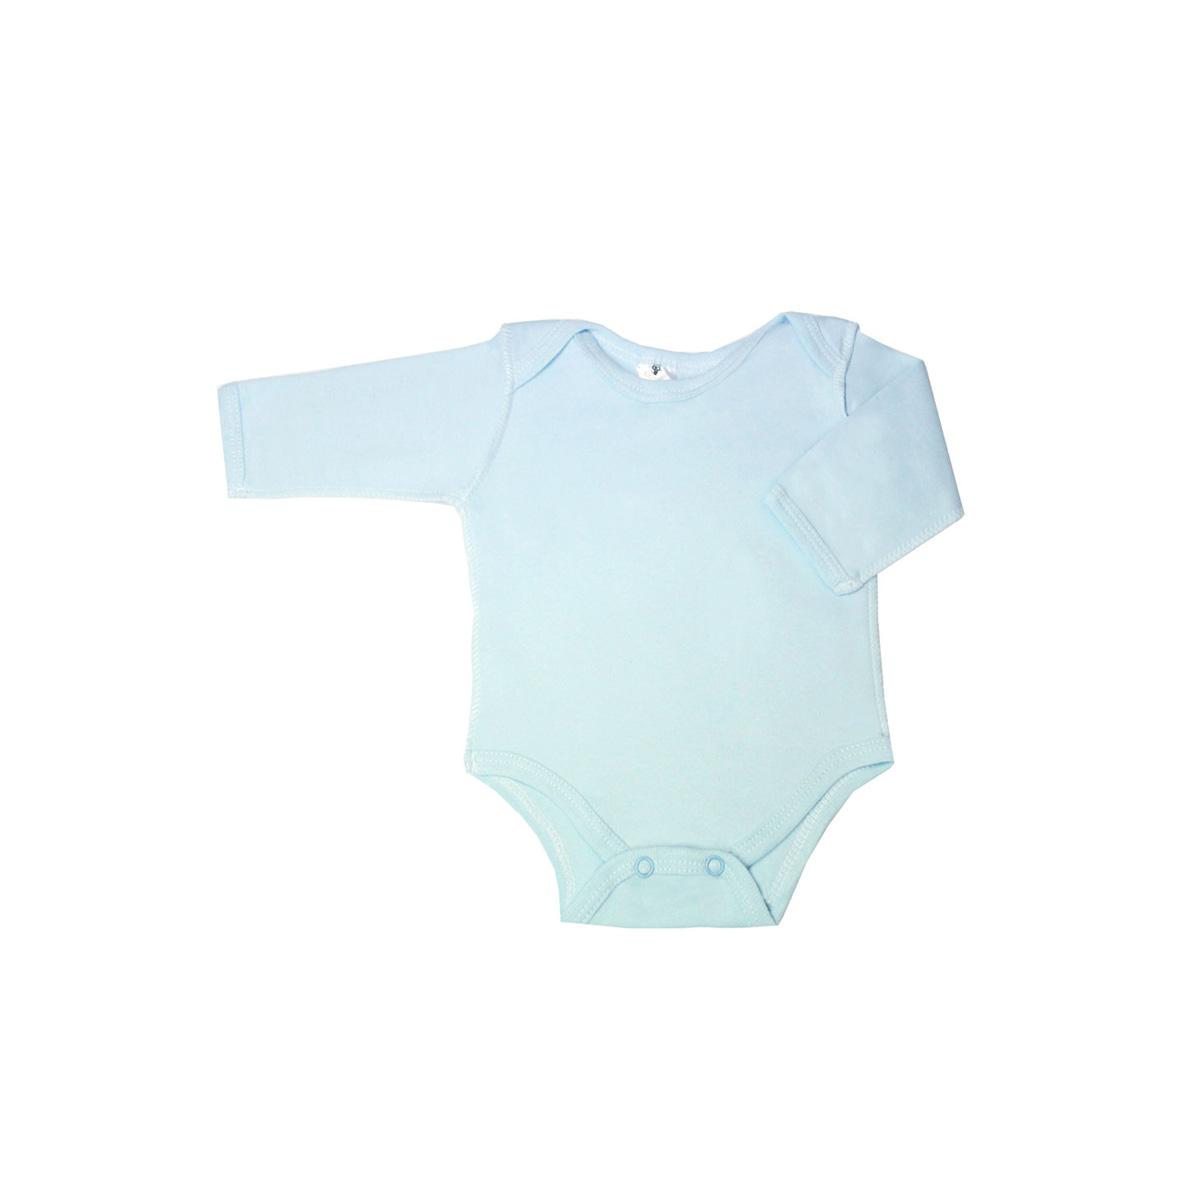 Боди с рукавом КОТМАРКОТ для мальчика, цвет однотонный голубой 3-6 мес (размер 68)<br>